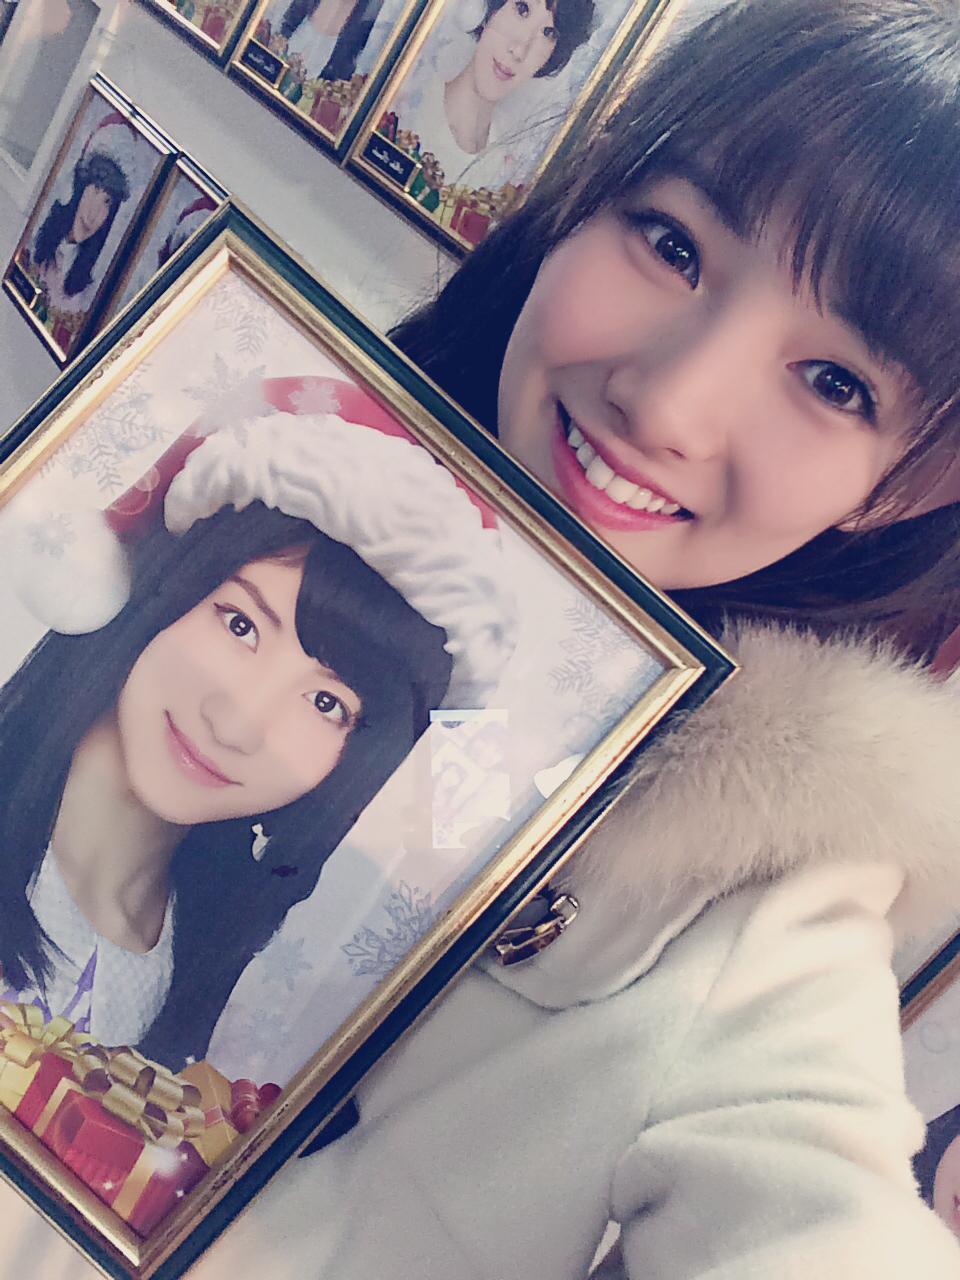 岡田奈々 (AKB48)の画像 p1_34